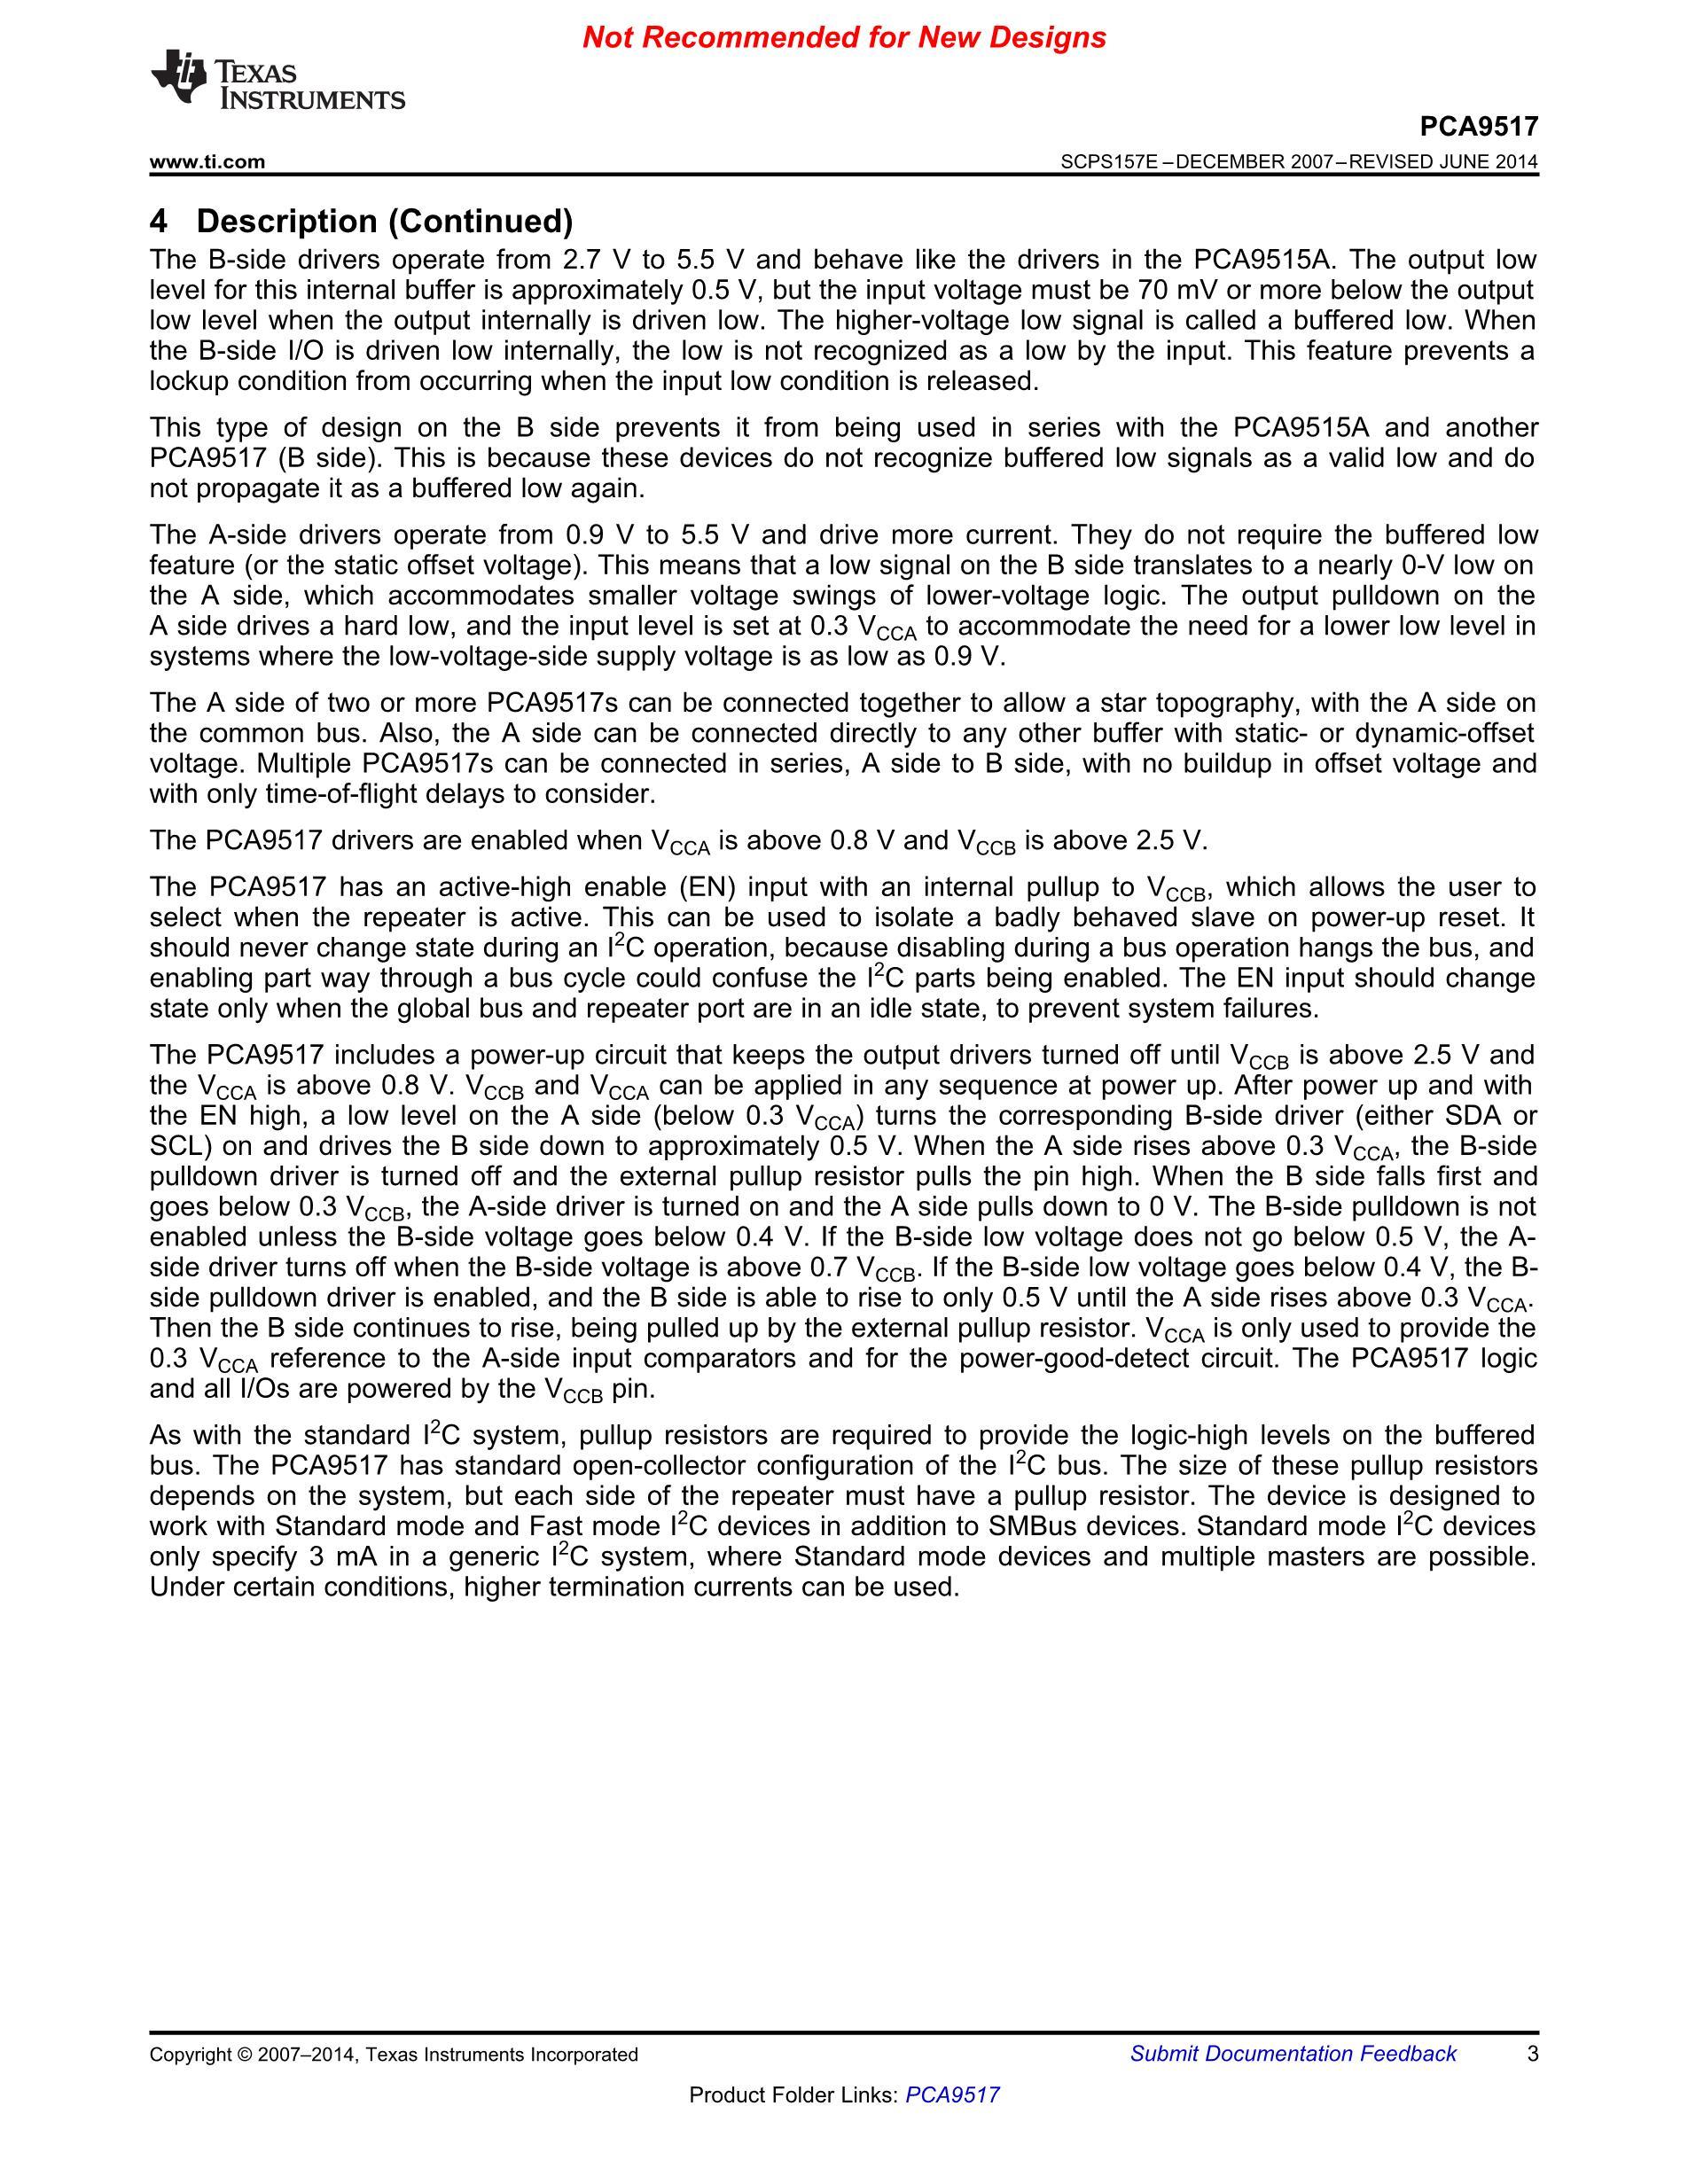 PCA9517DGKR's pdf picture 3